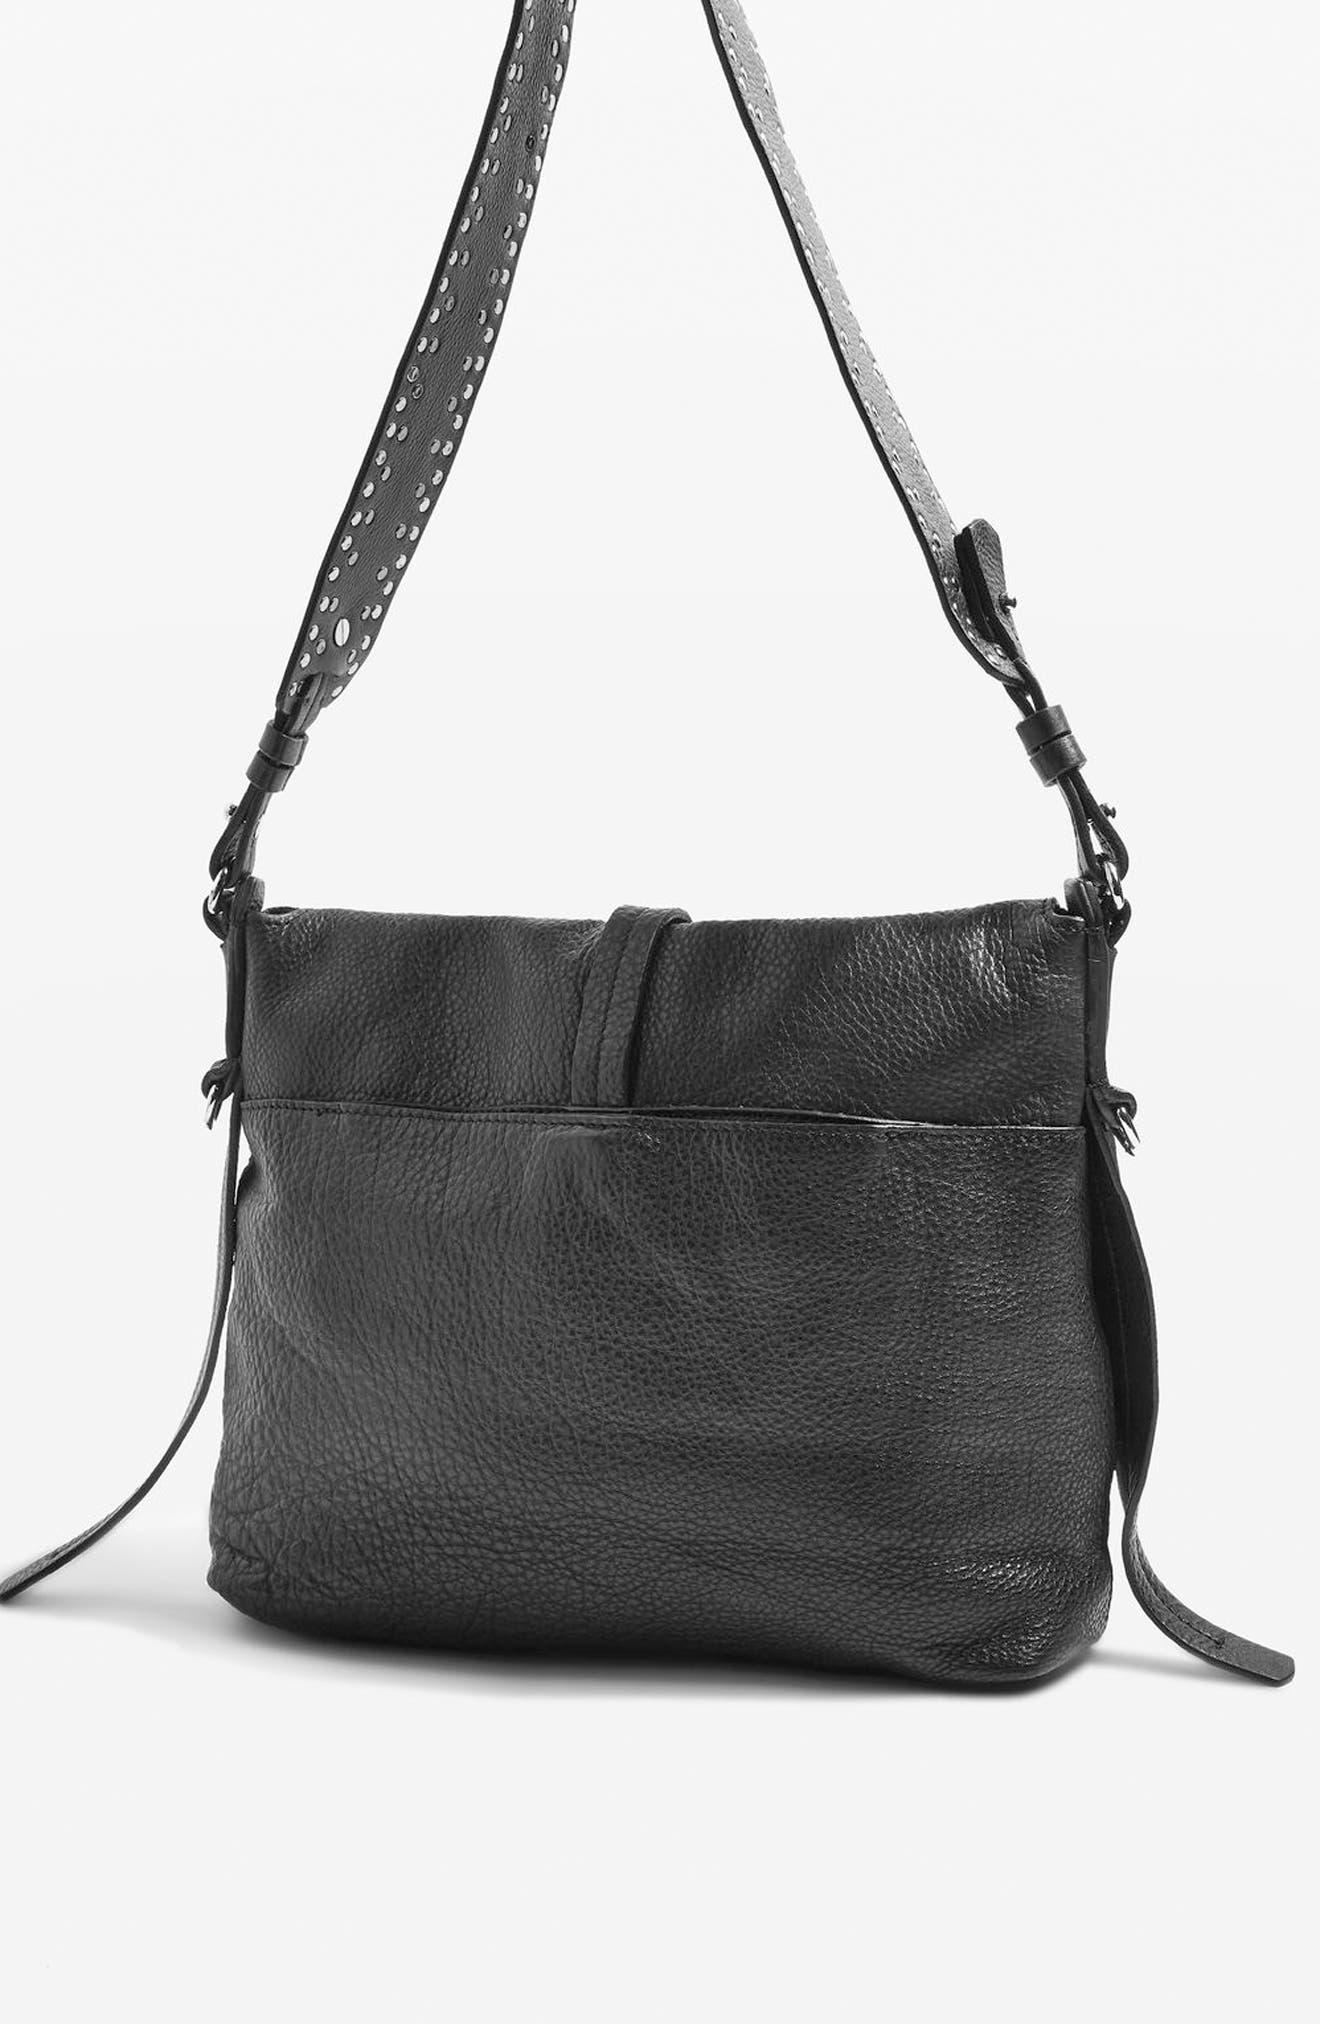 Premium Leather Studded Calfskin Hobo Bag,                             Alternate thumbnail 3, color,                             Black